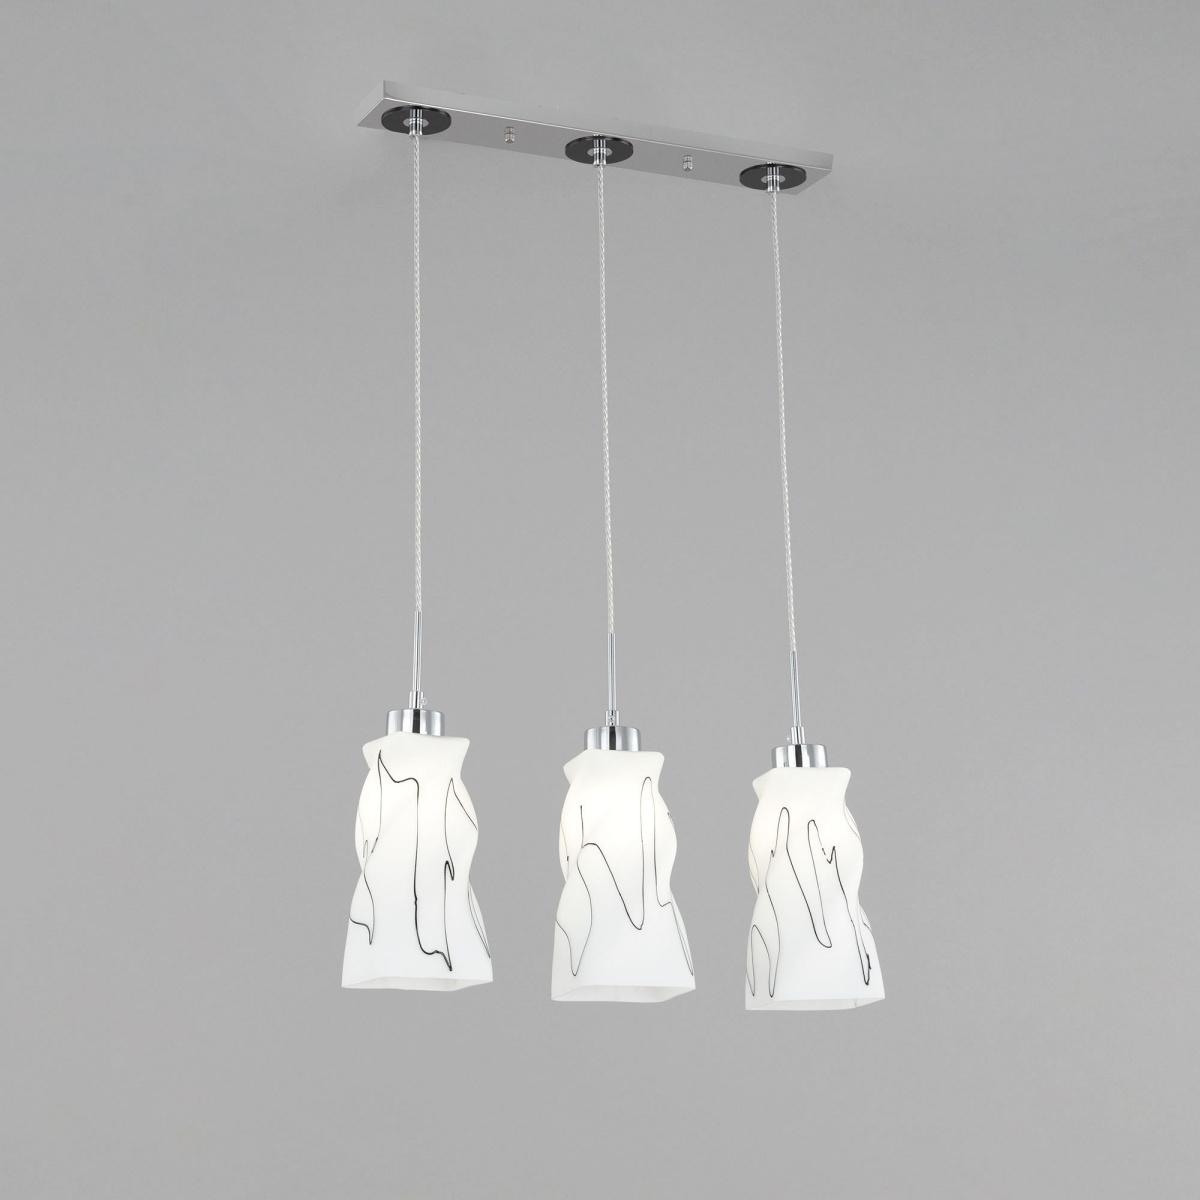 Подвесной светильник Citilux Спин CL943131, 3xE27x75W, хром, белый, металл, стекло - фото 3